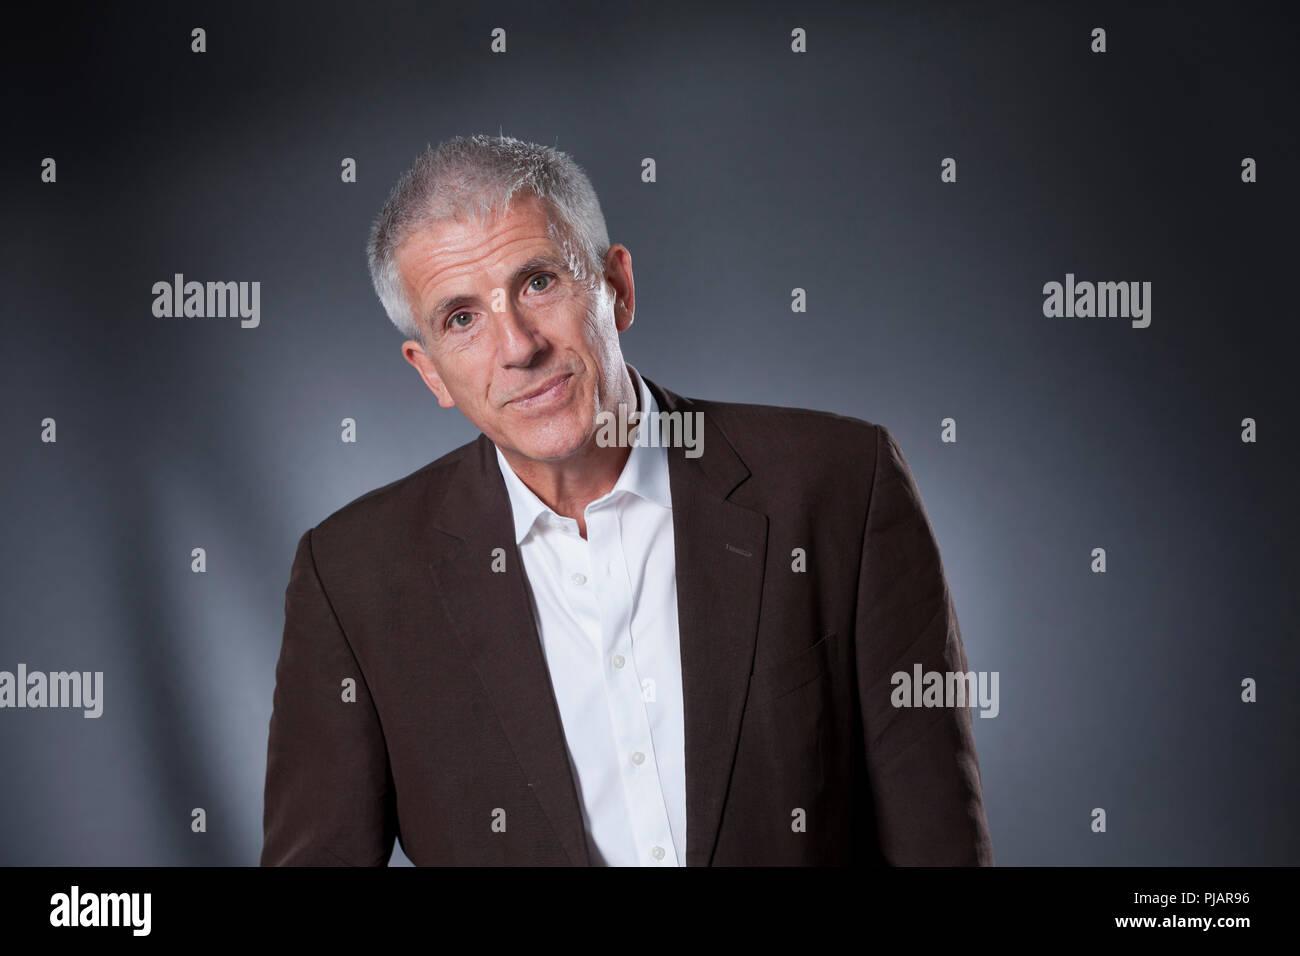 Edinburgh, Royaume-Uni. 20 août, 2018. Patrick Gale, le romancier britannique. Photographié à l'Edinburgh International Book Festival. Edimbourg, Ecosse. Photo par Gary Doak / Alamy Live News Banque D'Images